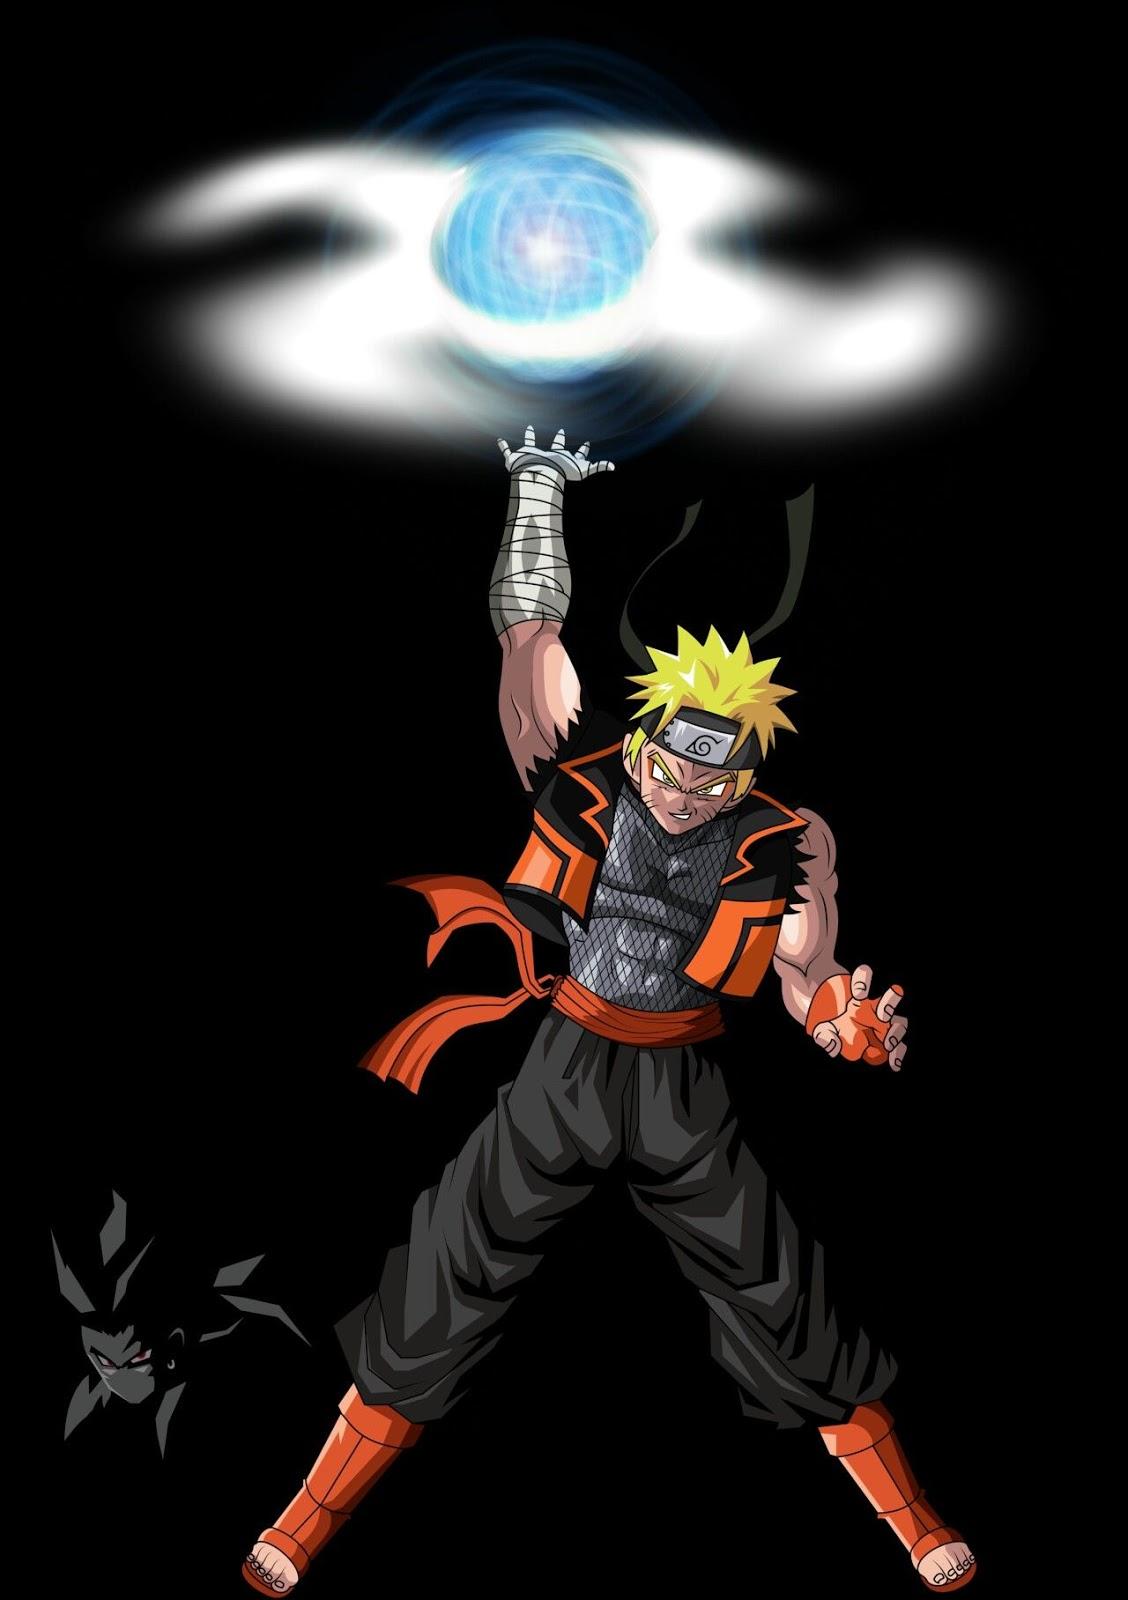 Naruto Supreme: Welpaper Naruto